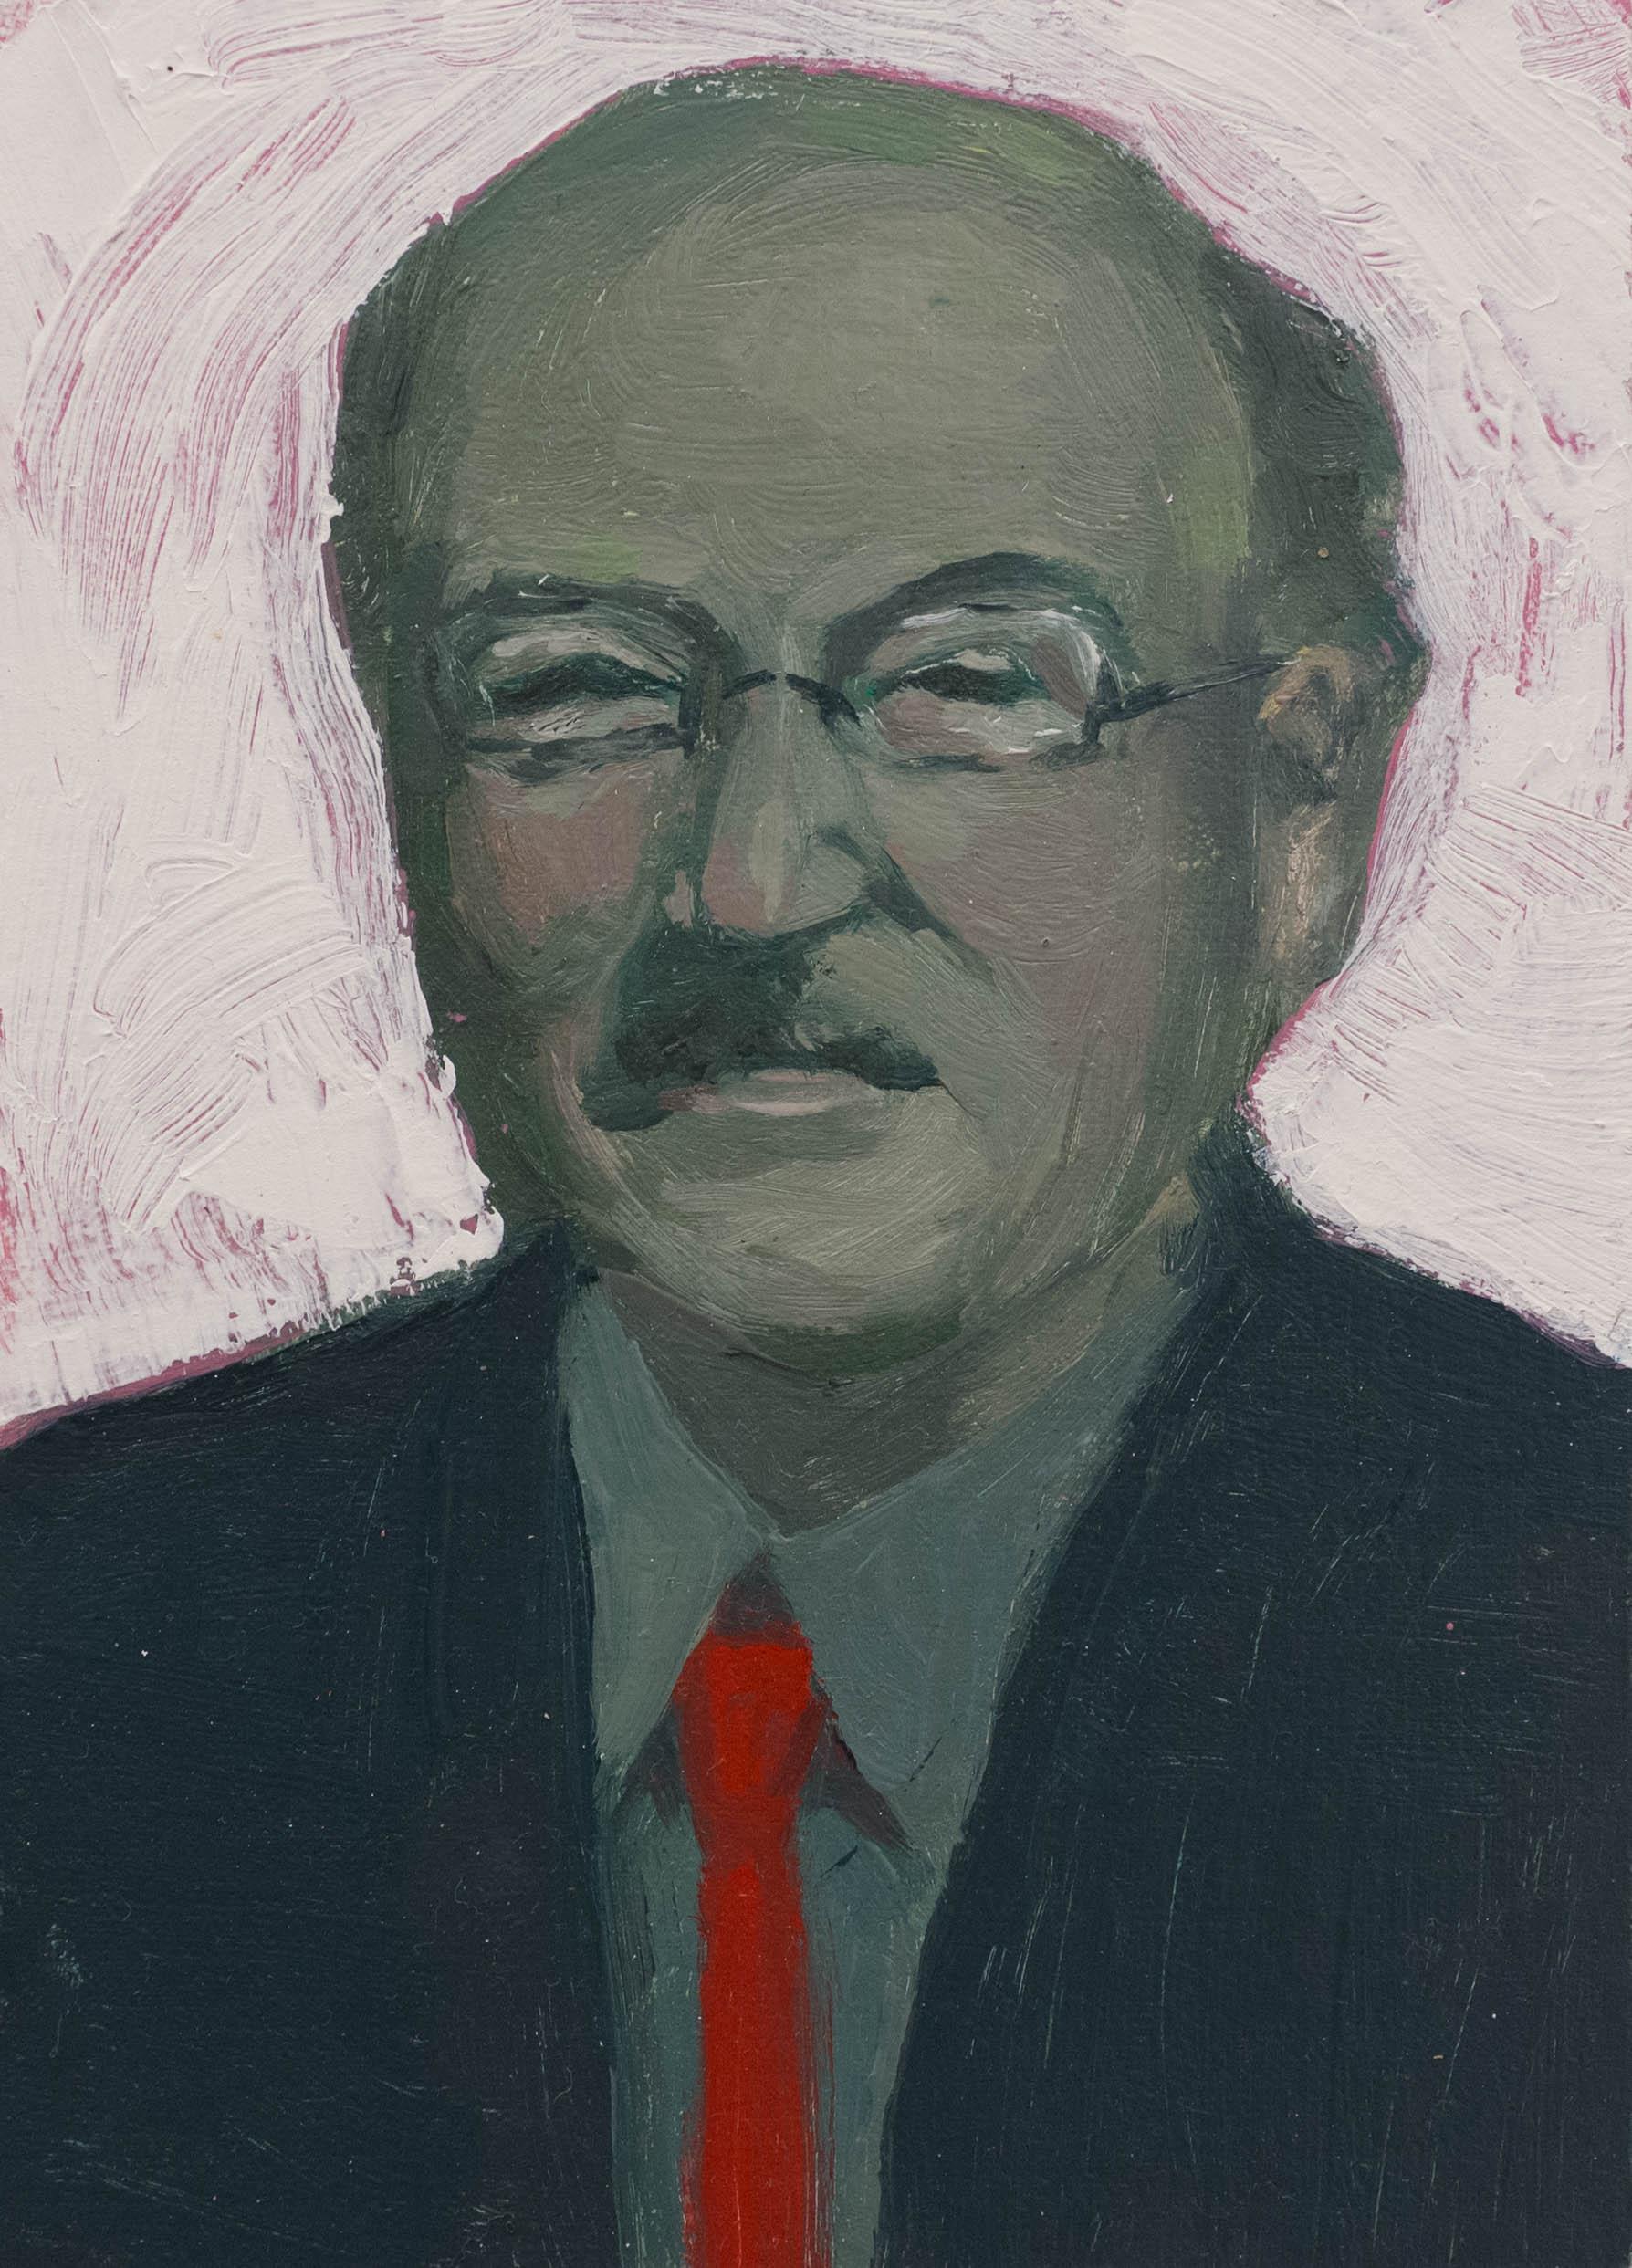 Portrait of Volker Schlondorff  5 x 7 in  oil, mix media on panel